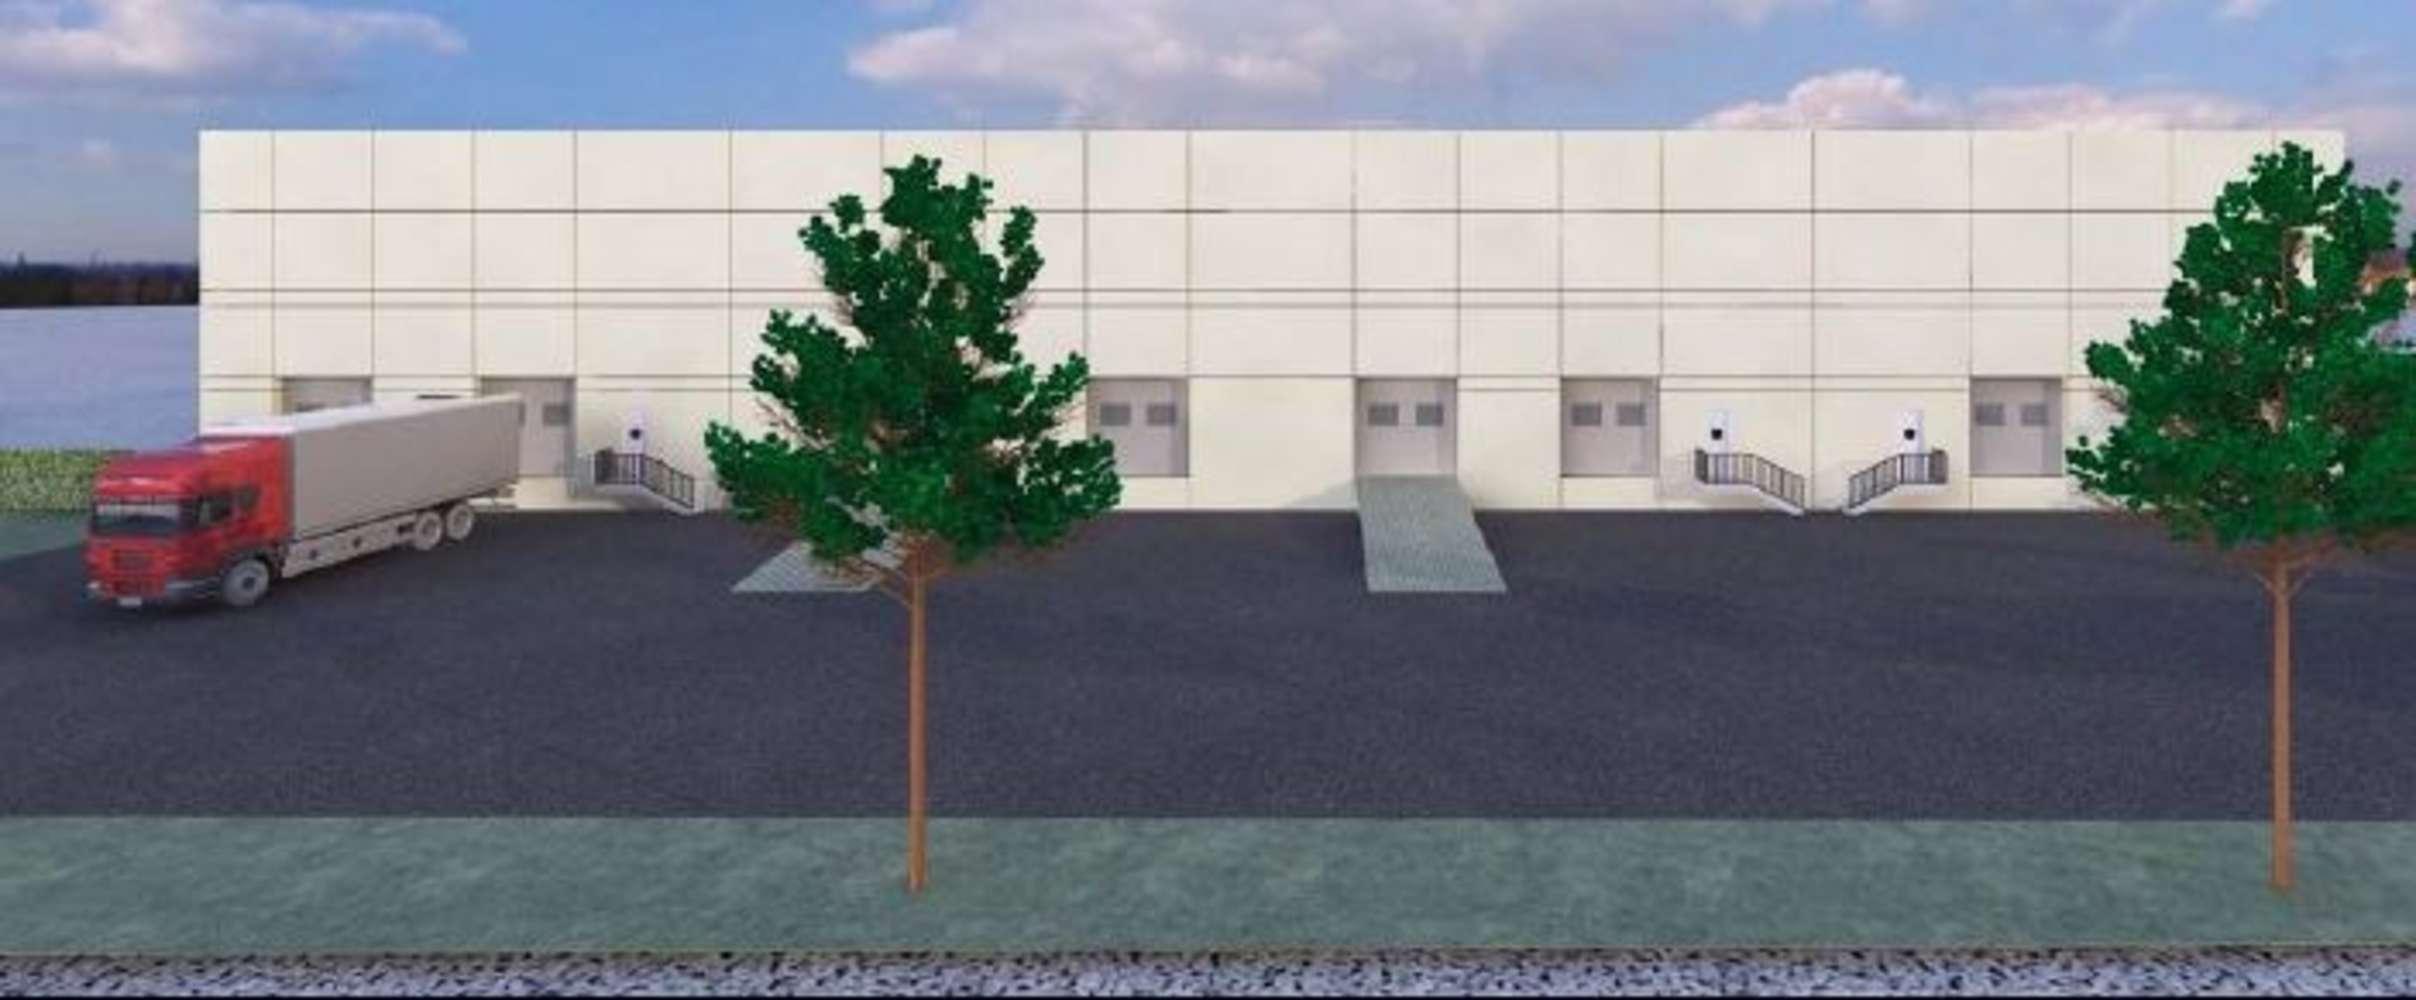 Activités/entrepôt Tremblay en france, 93290 - IDF NORD / POLE DE ROISSY - 9883191